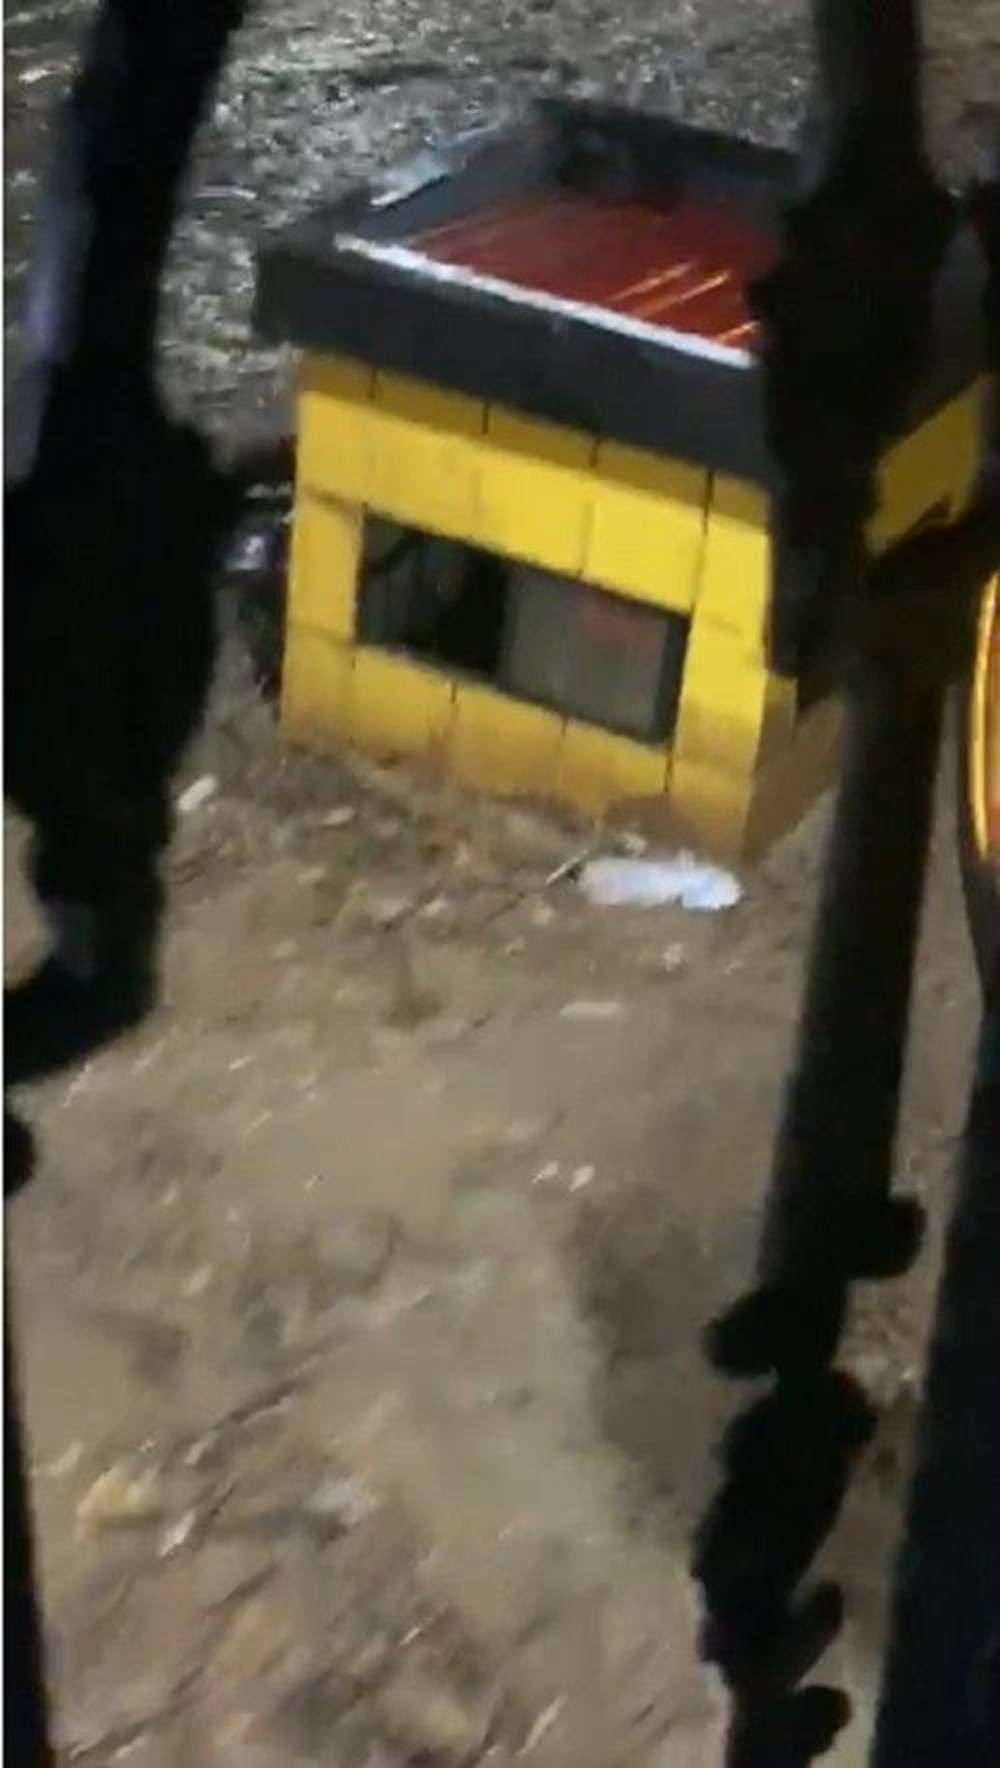 Giresun'u sel vurdu: 4 kişi hayatını kaybetti - 2